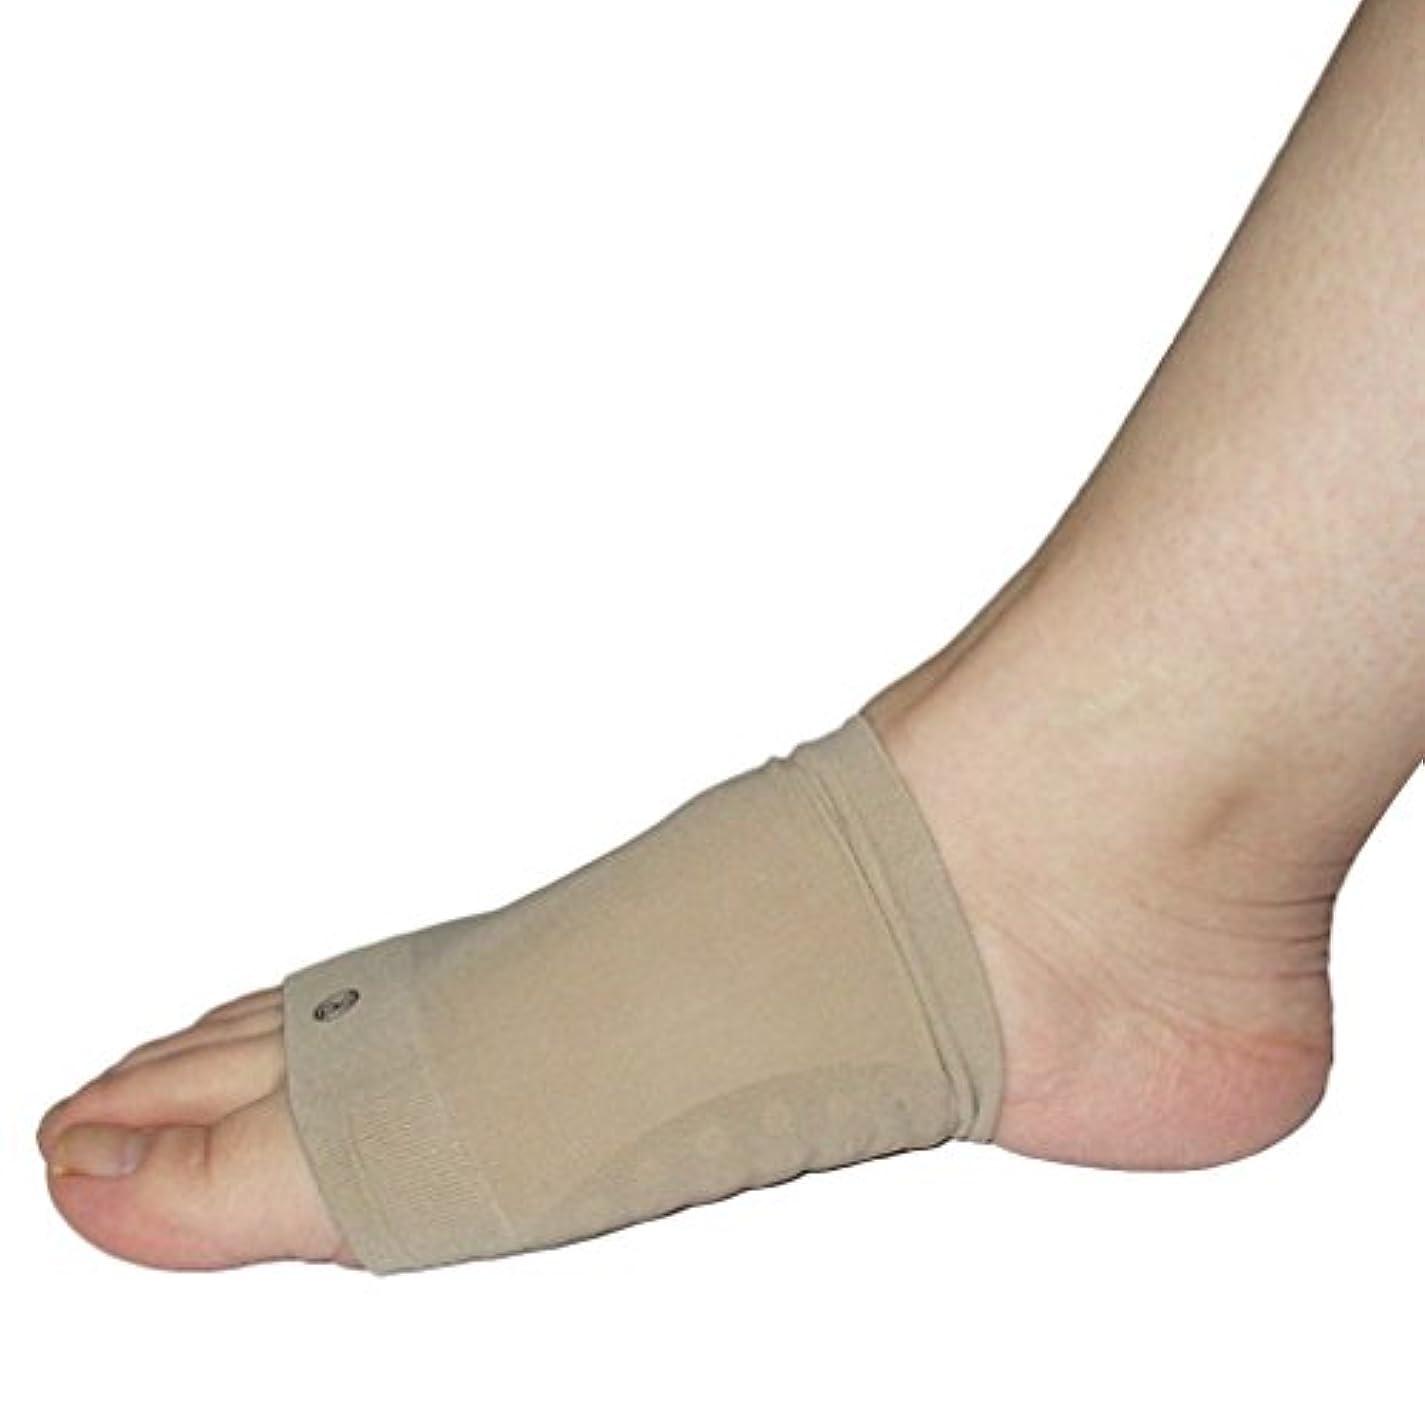 放射能芸術メディア偏平足 サポーター 両足セット 衝撃吸収 足裏 足底 痛み ベージュ フリーサイズ